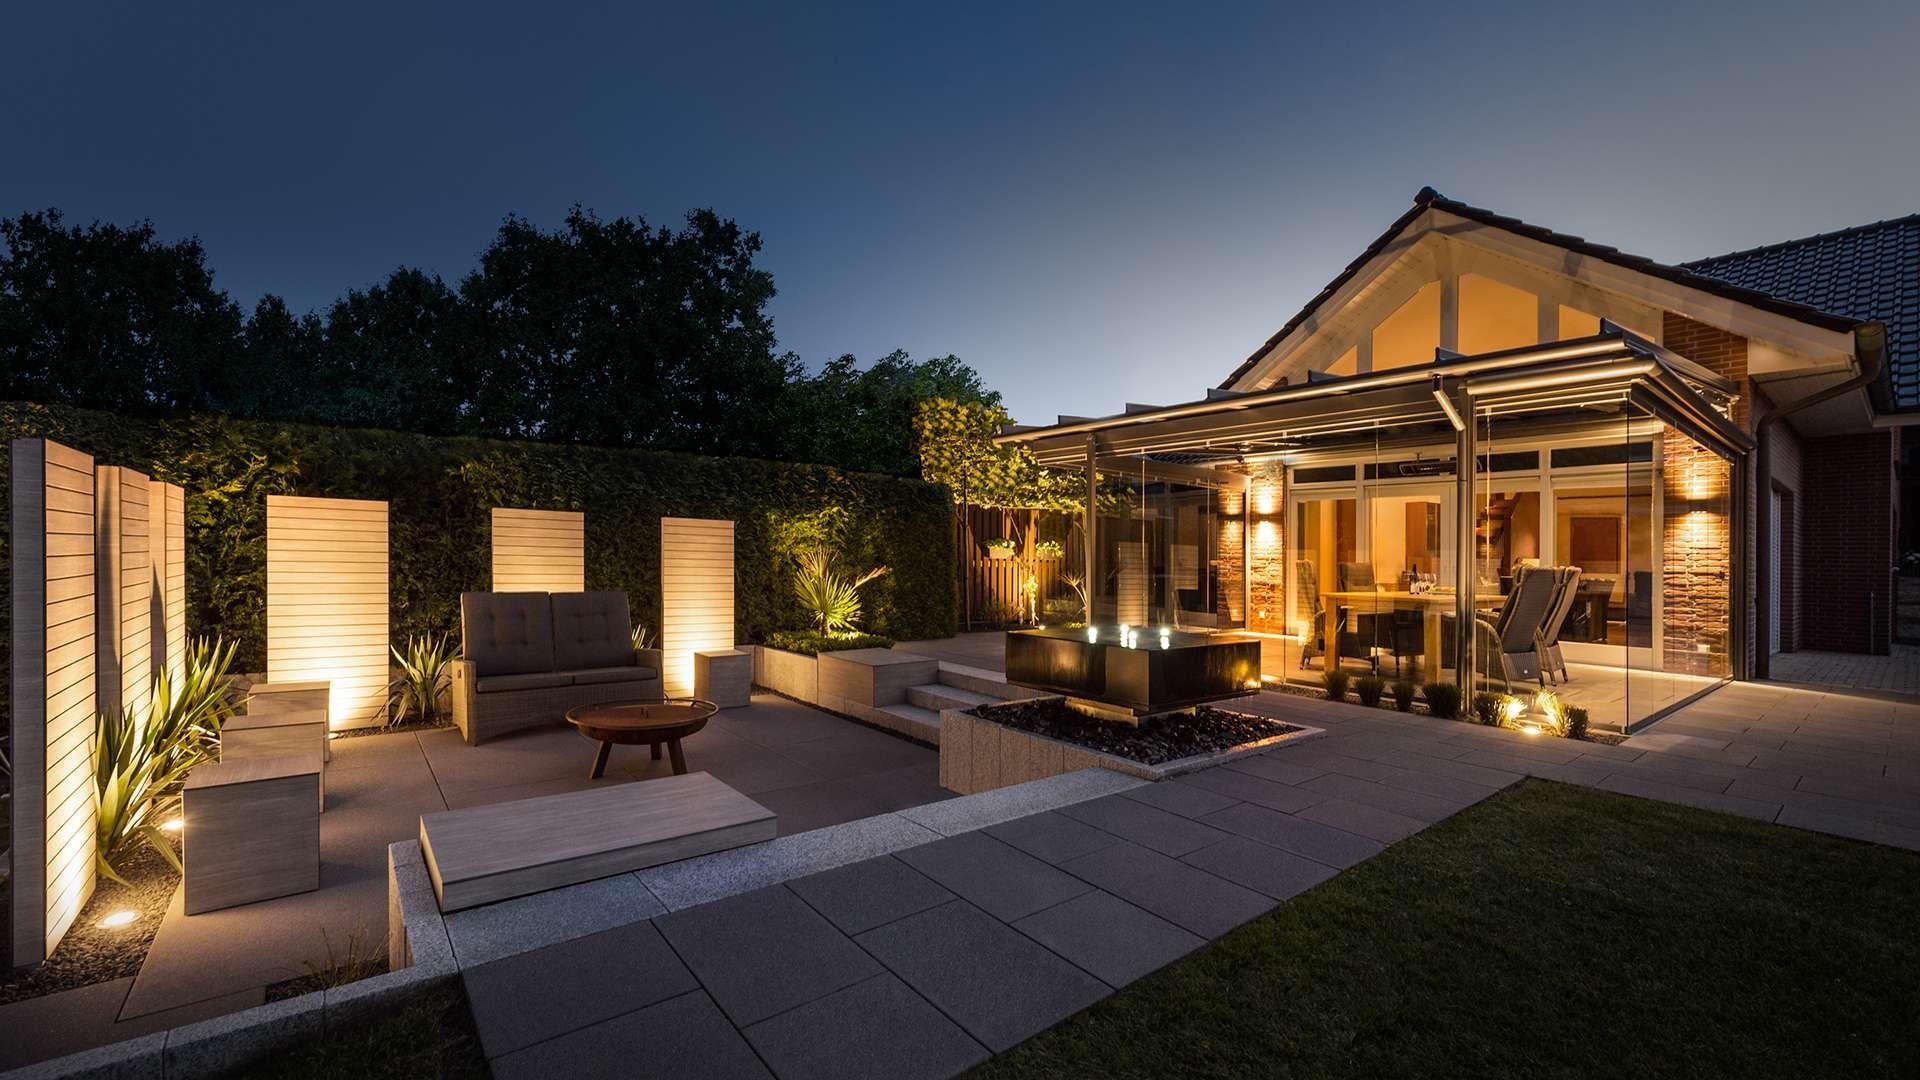 Wohnhaus mit Terrassendach und großer Terrasse bei Nacht